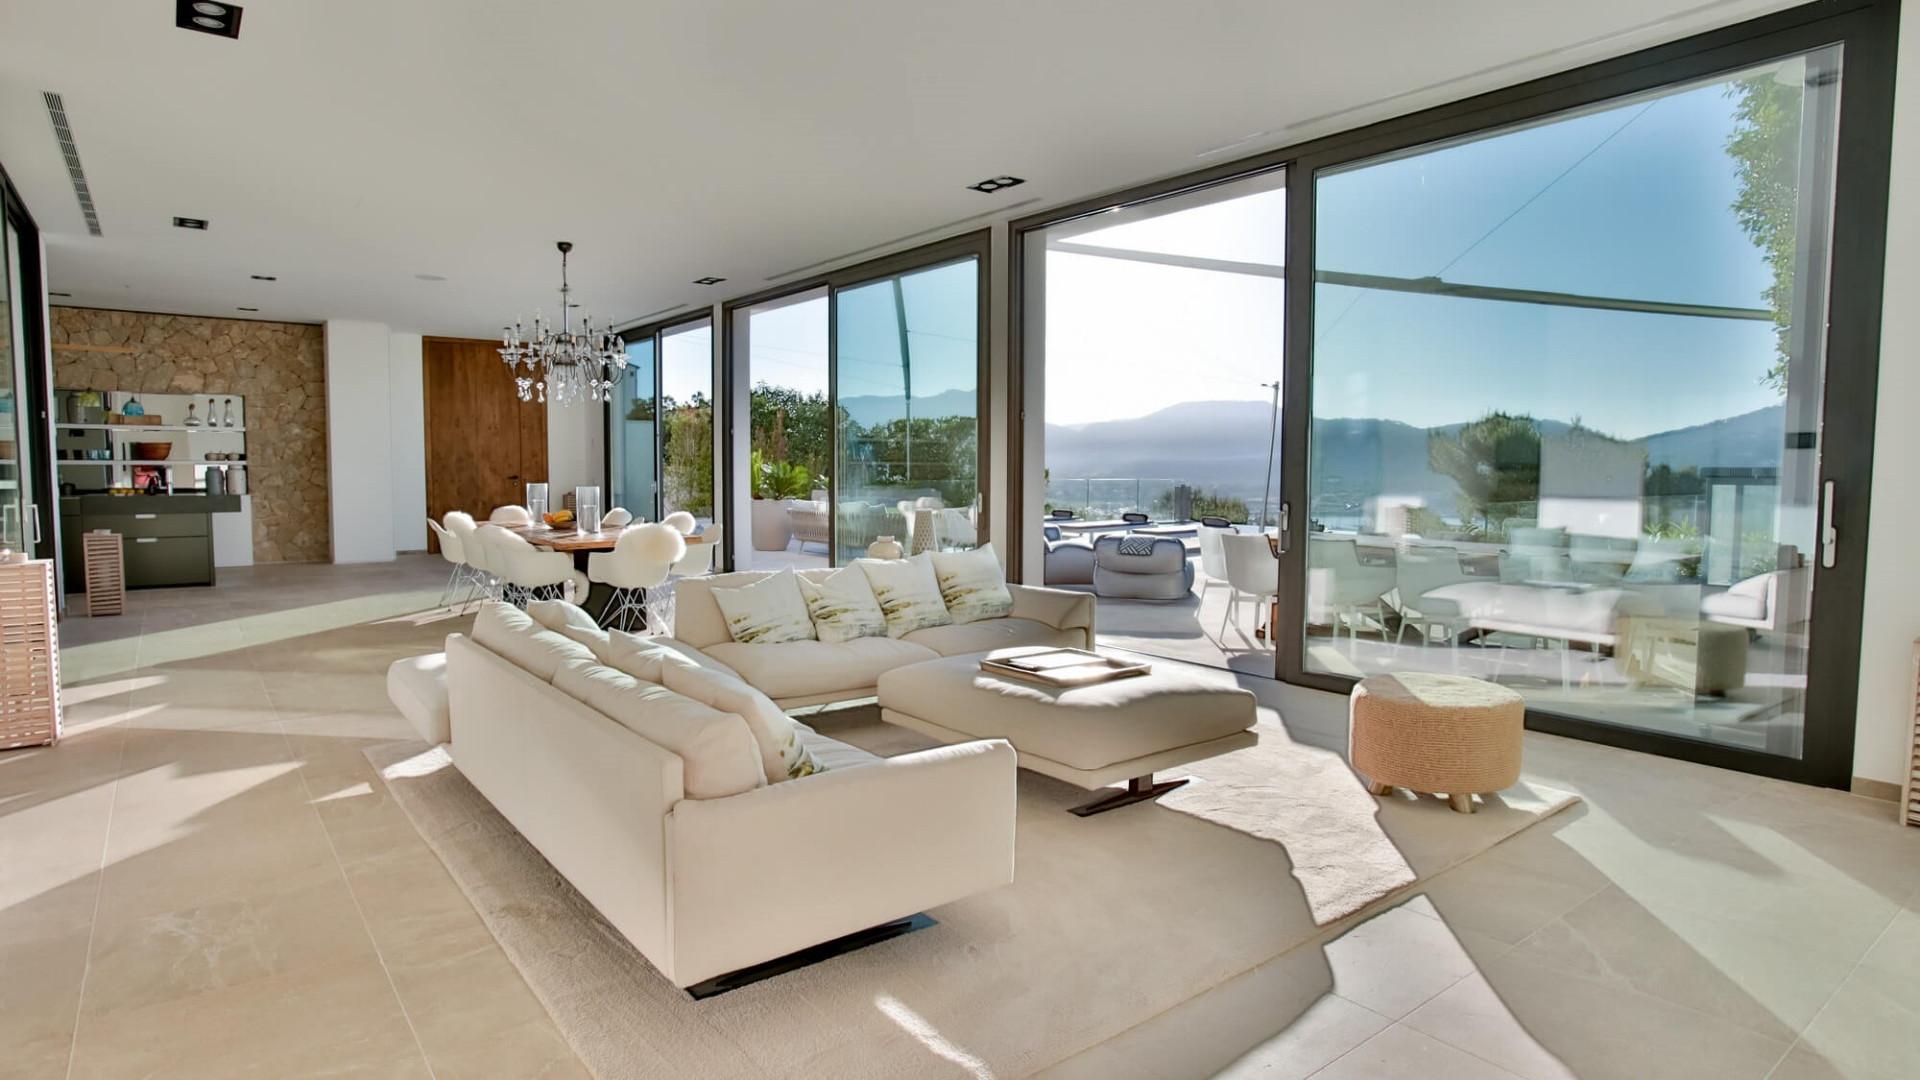 5 Bedroom Villa  Port de Adratx  Fantastic Sea Views & Pool